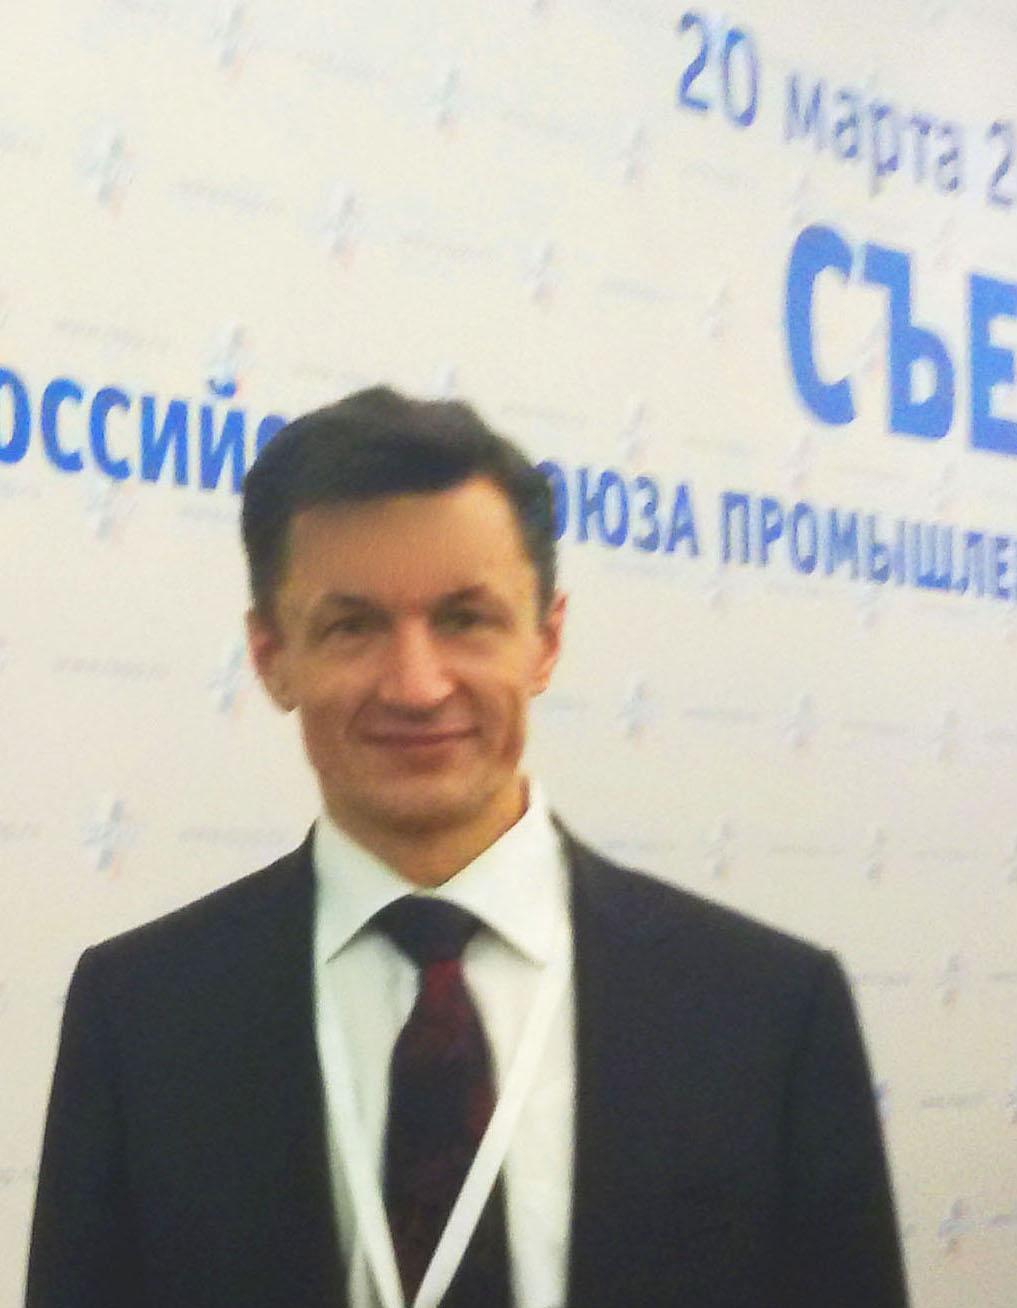 На заседании XXI отчетно-выборного Съезда Российского союза промышленников и предпринимателей Федеральная Палата в лице Председателя Додонова А.Е. была включена в состав Правления РСПП.